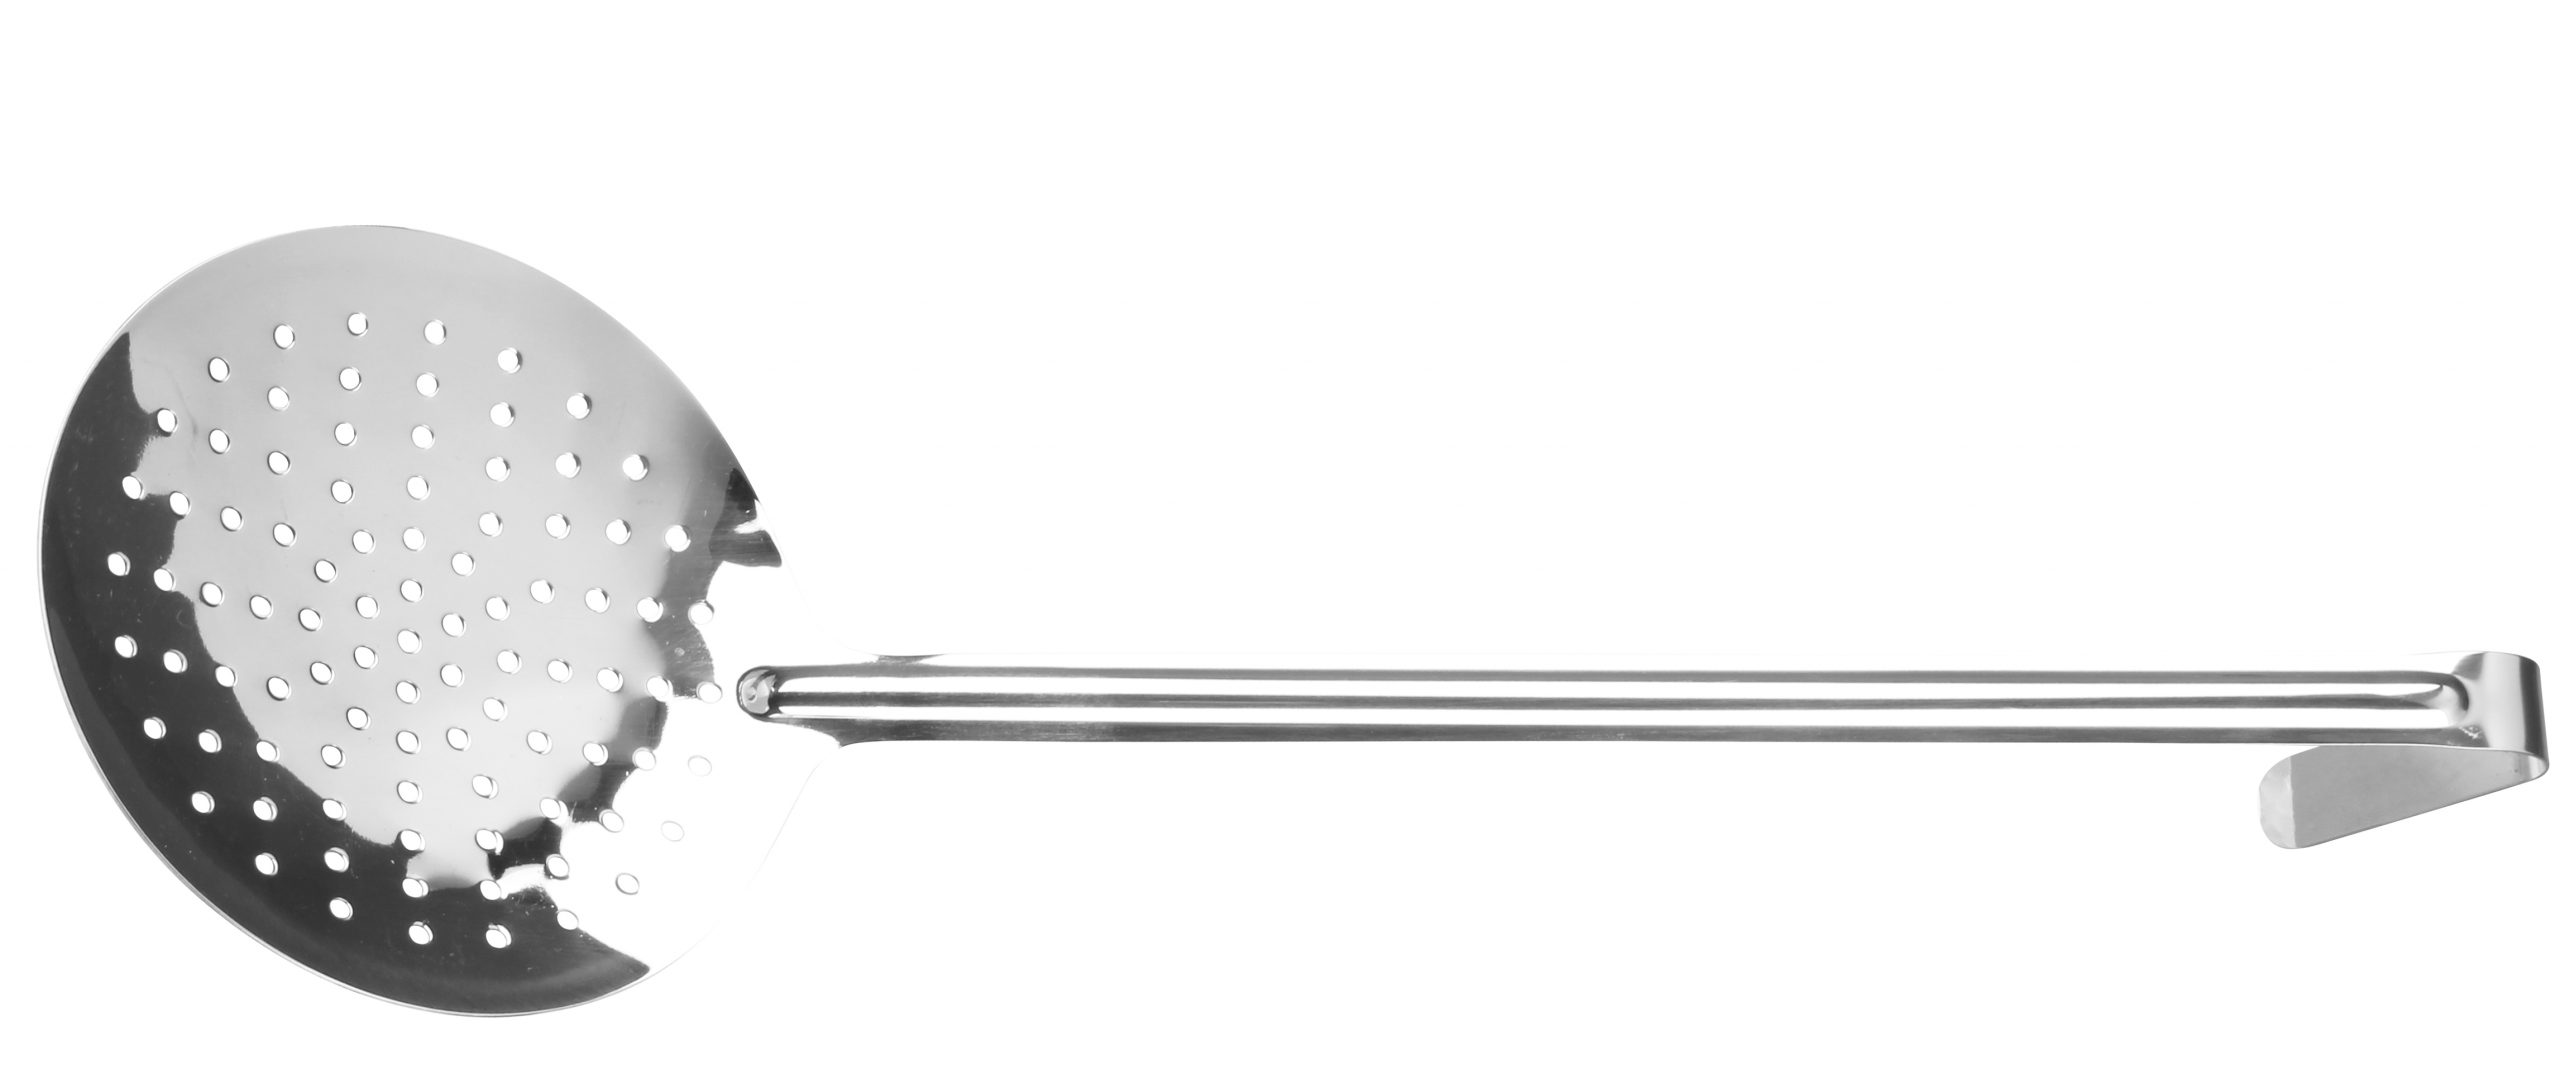 Abseihlöffel CALCULATE Ø 14cm hängb